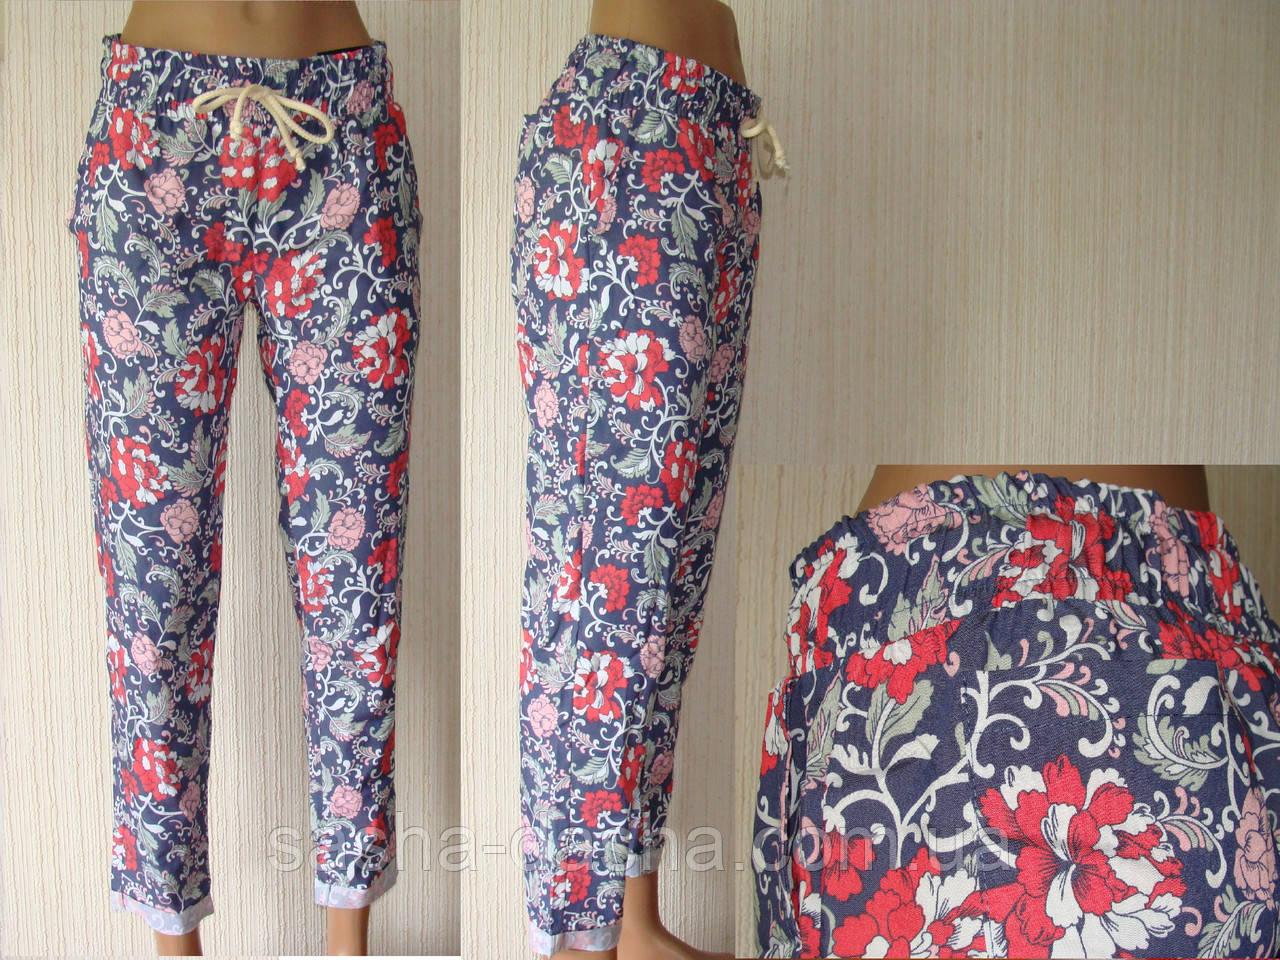 Женские брюки, штаны на резинке, легкие, летние